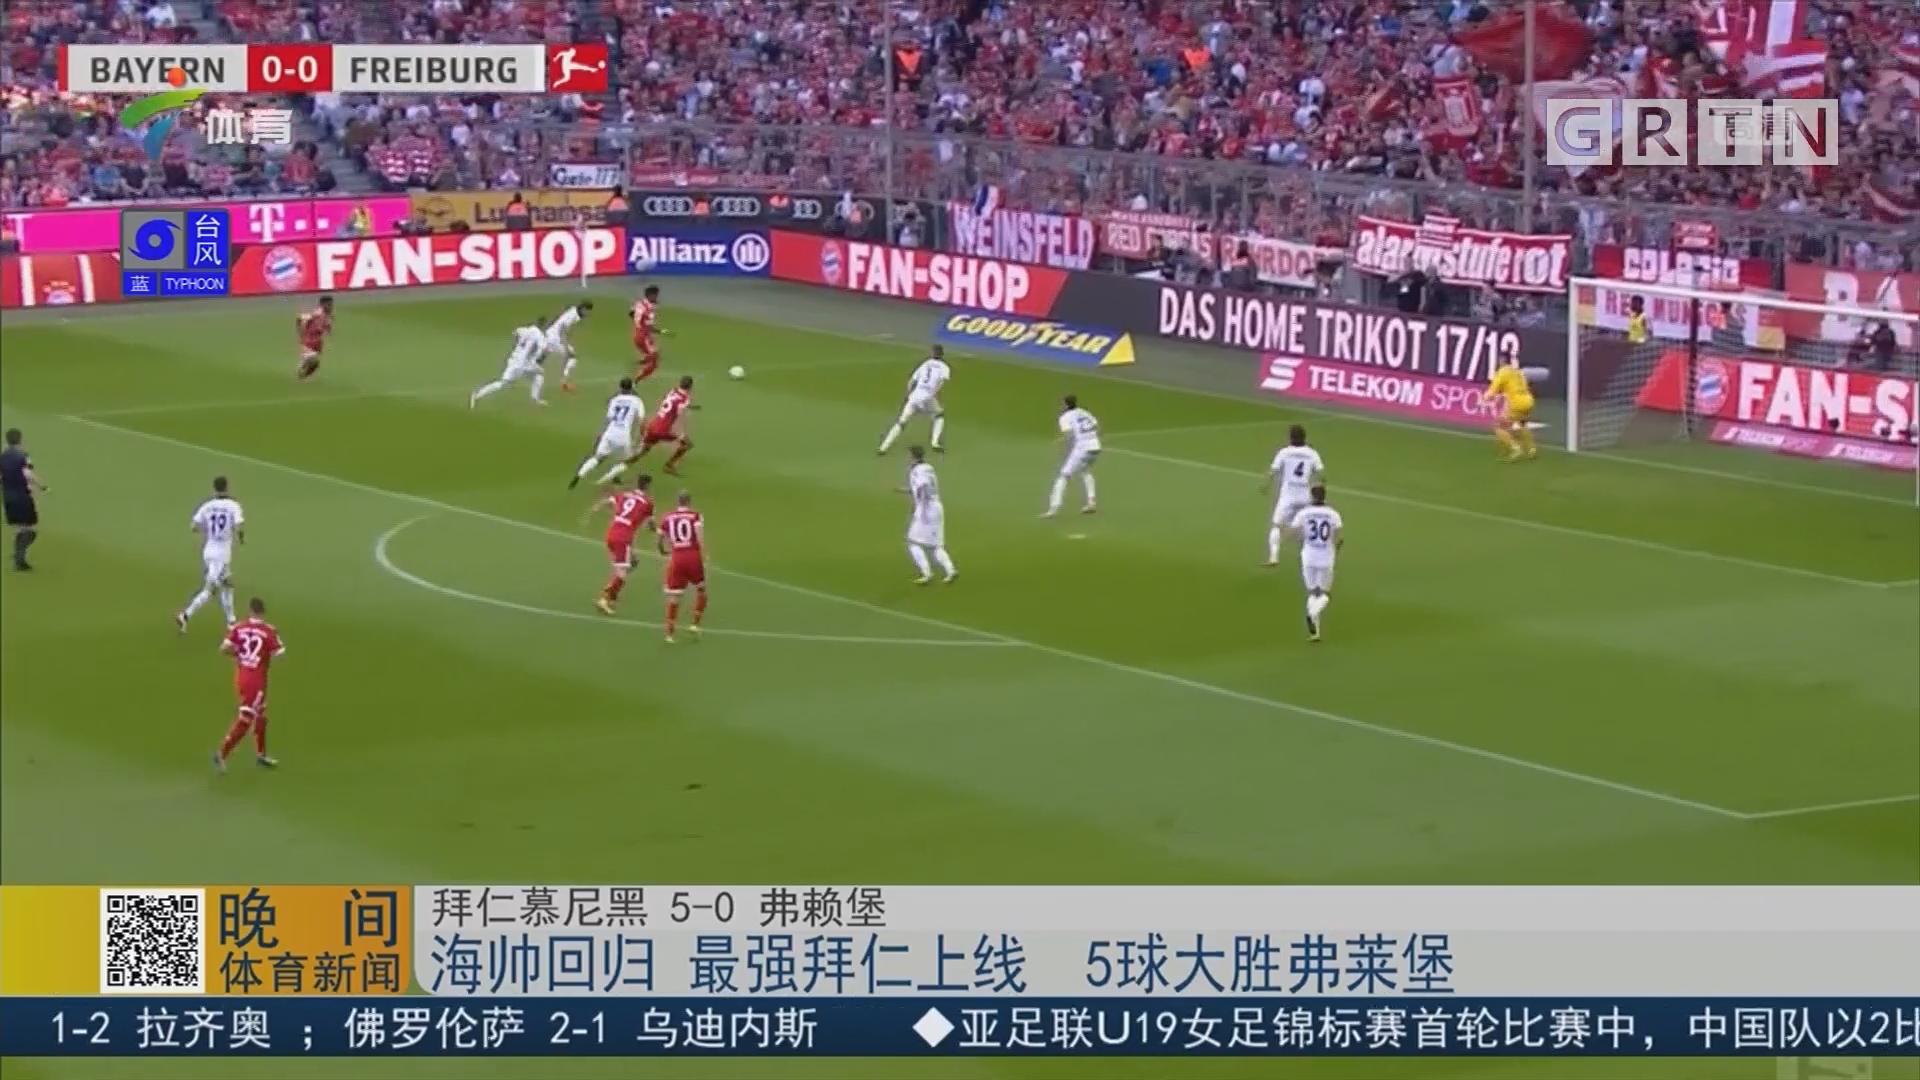 海帅回归 最强拜仁上线 5球大胜弗莱堡